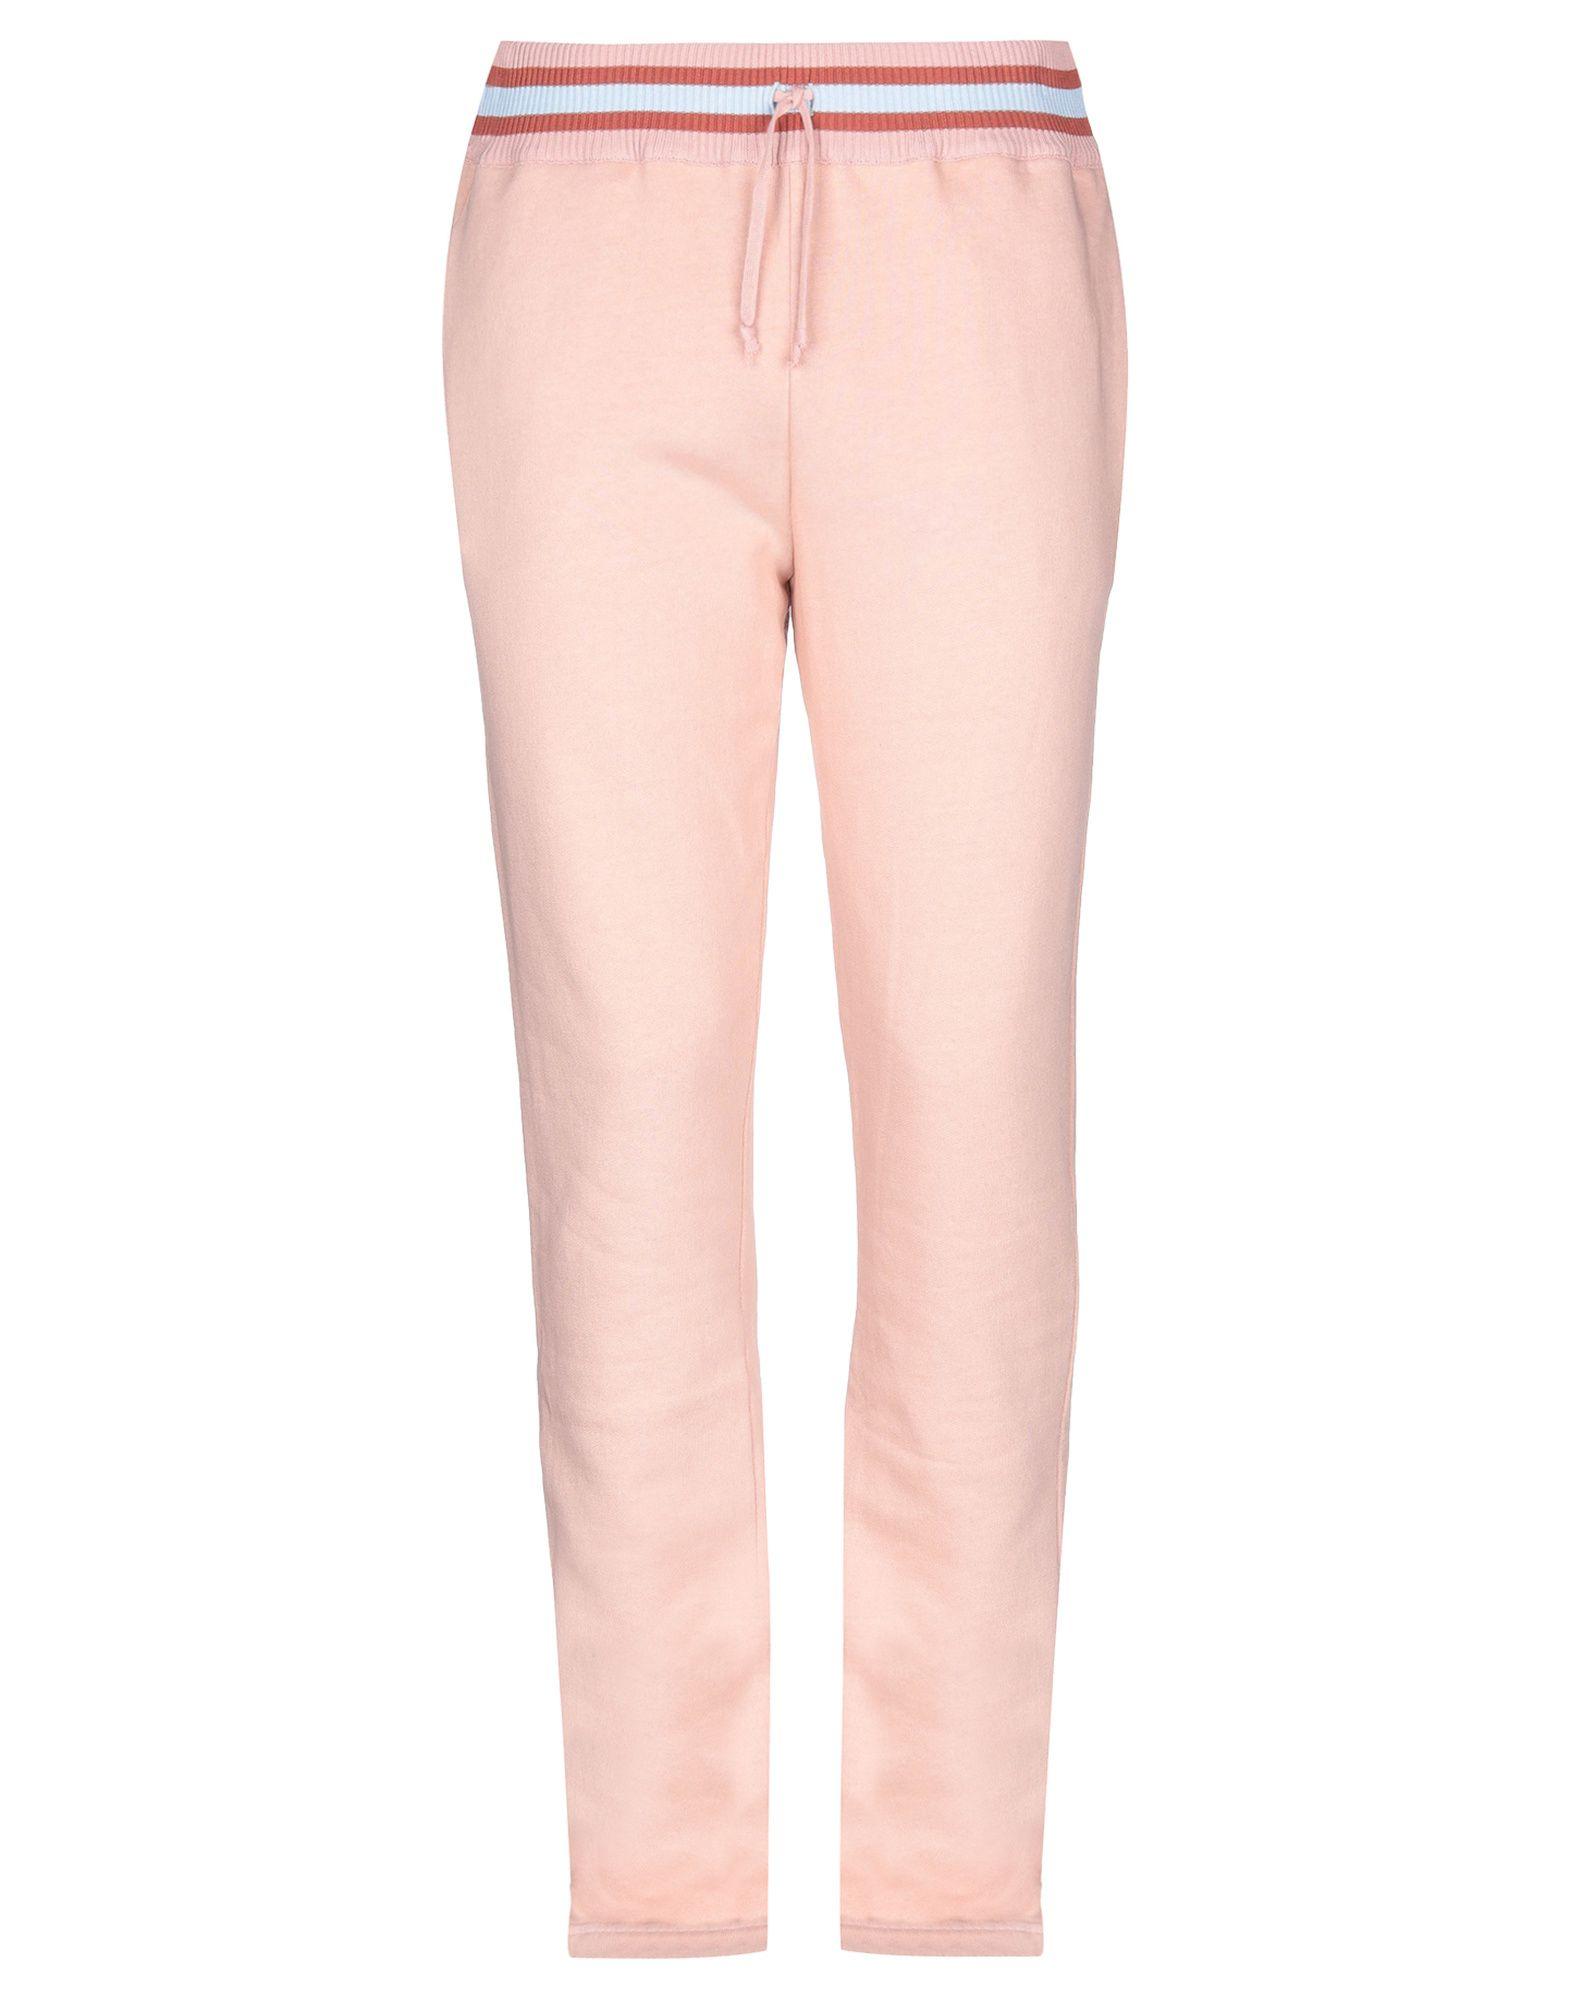 《送料無料》COMMON WILD メンズ パンツ サーモンピンク M コットン 100%